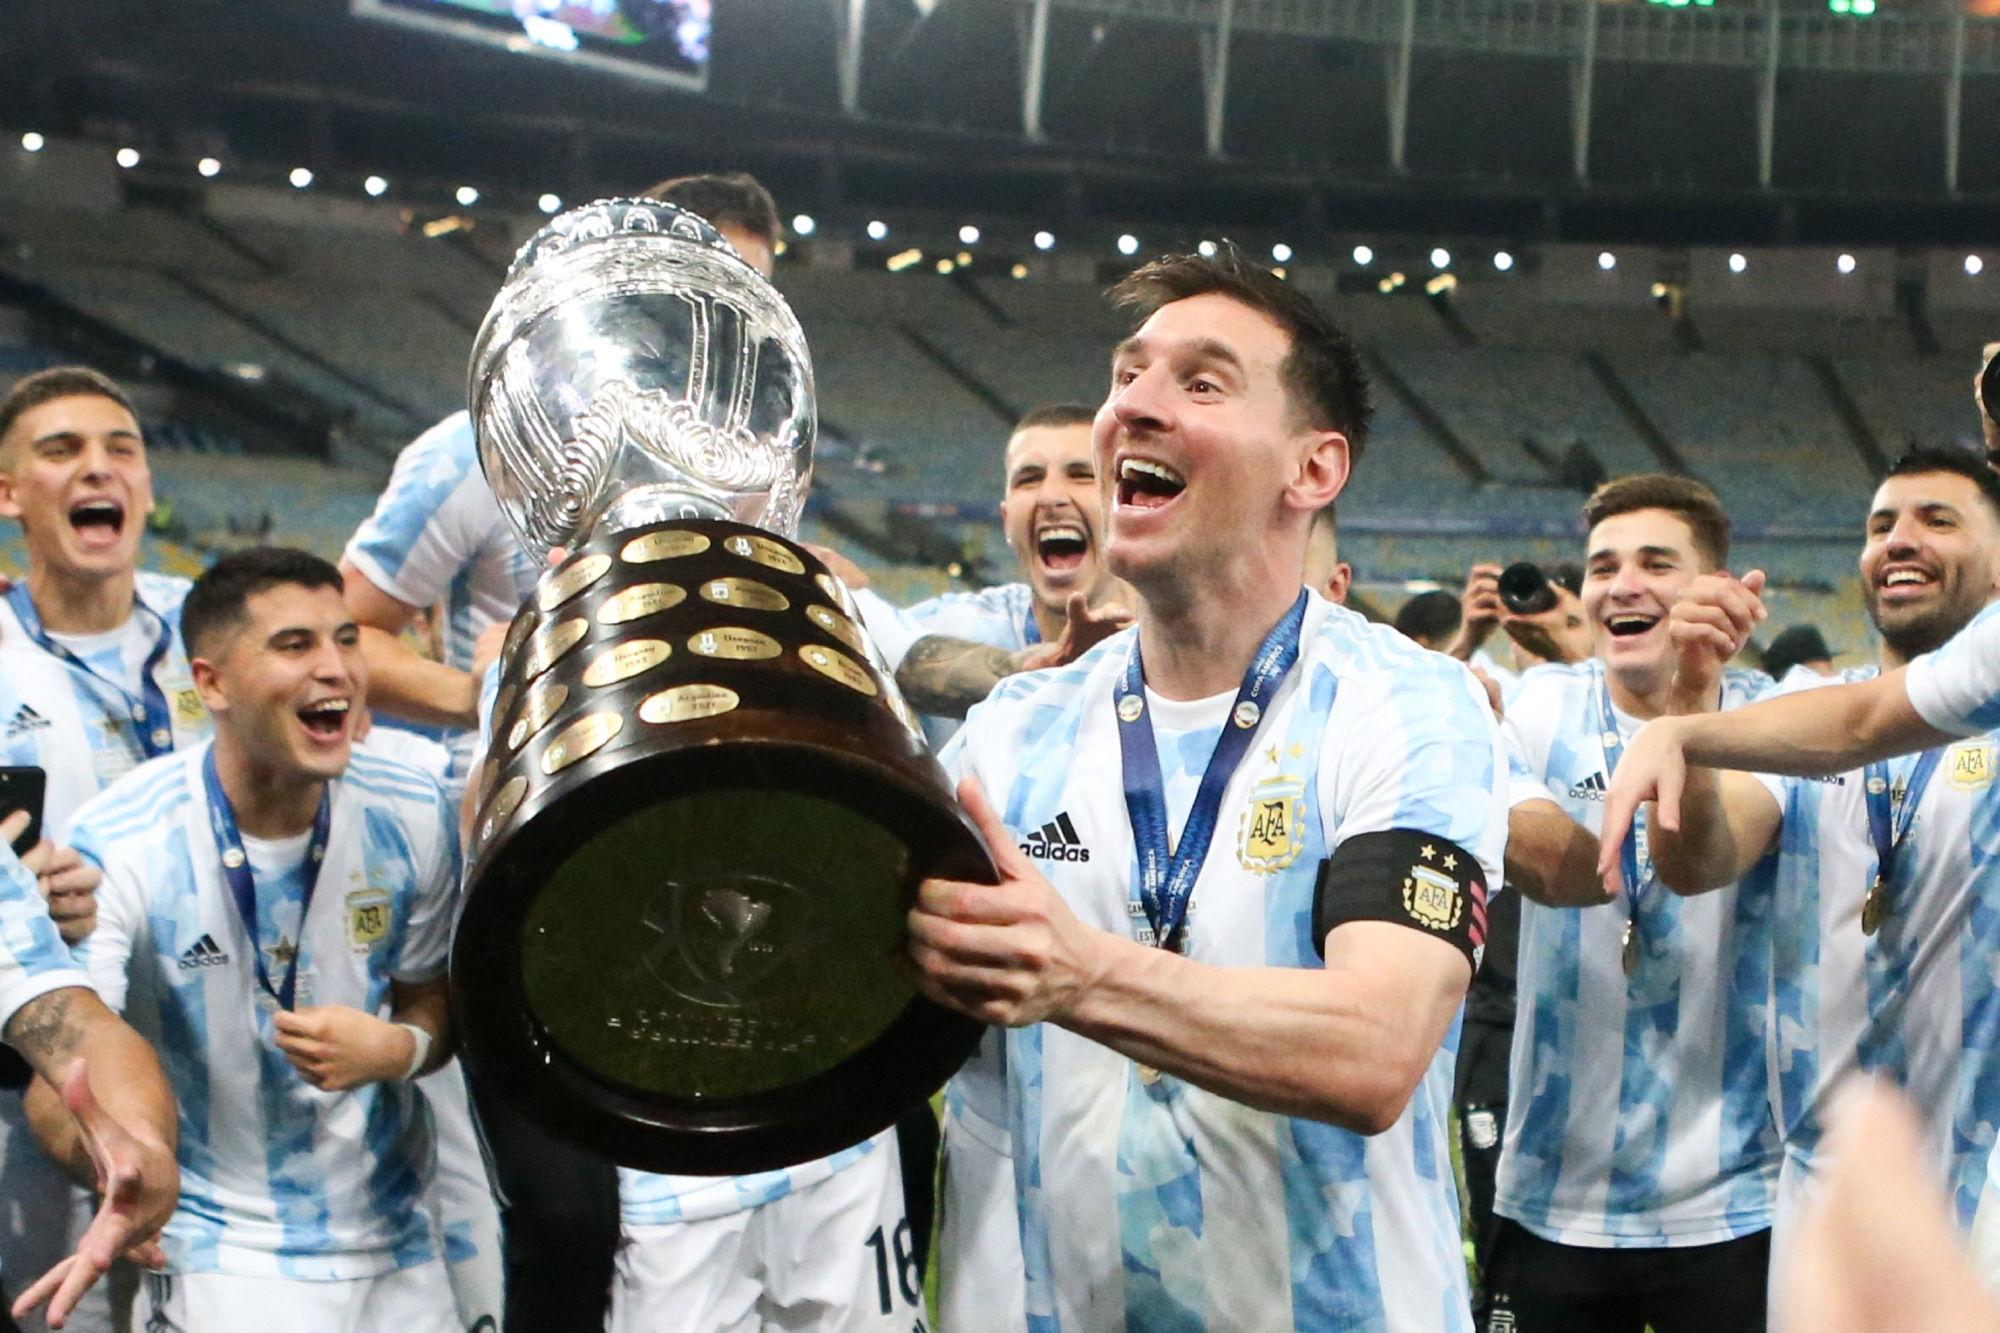 Messi mériterait le Ballon d'Or selon Roustan